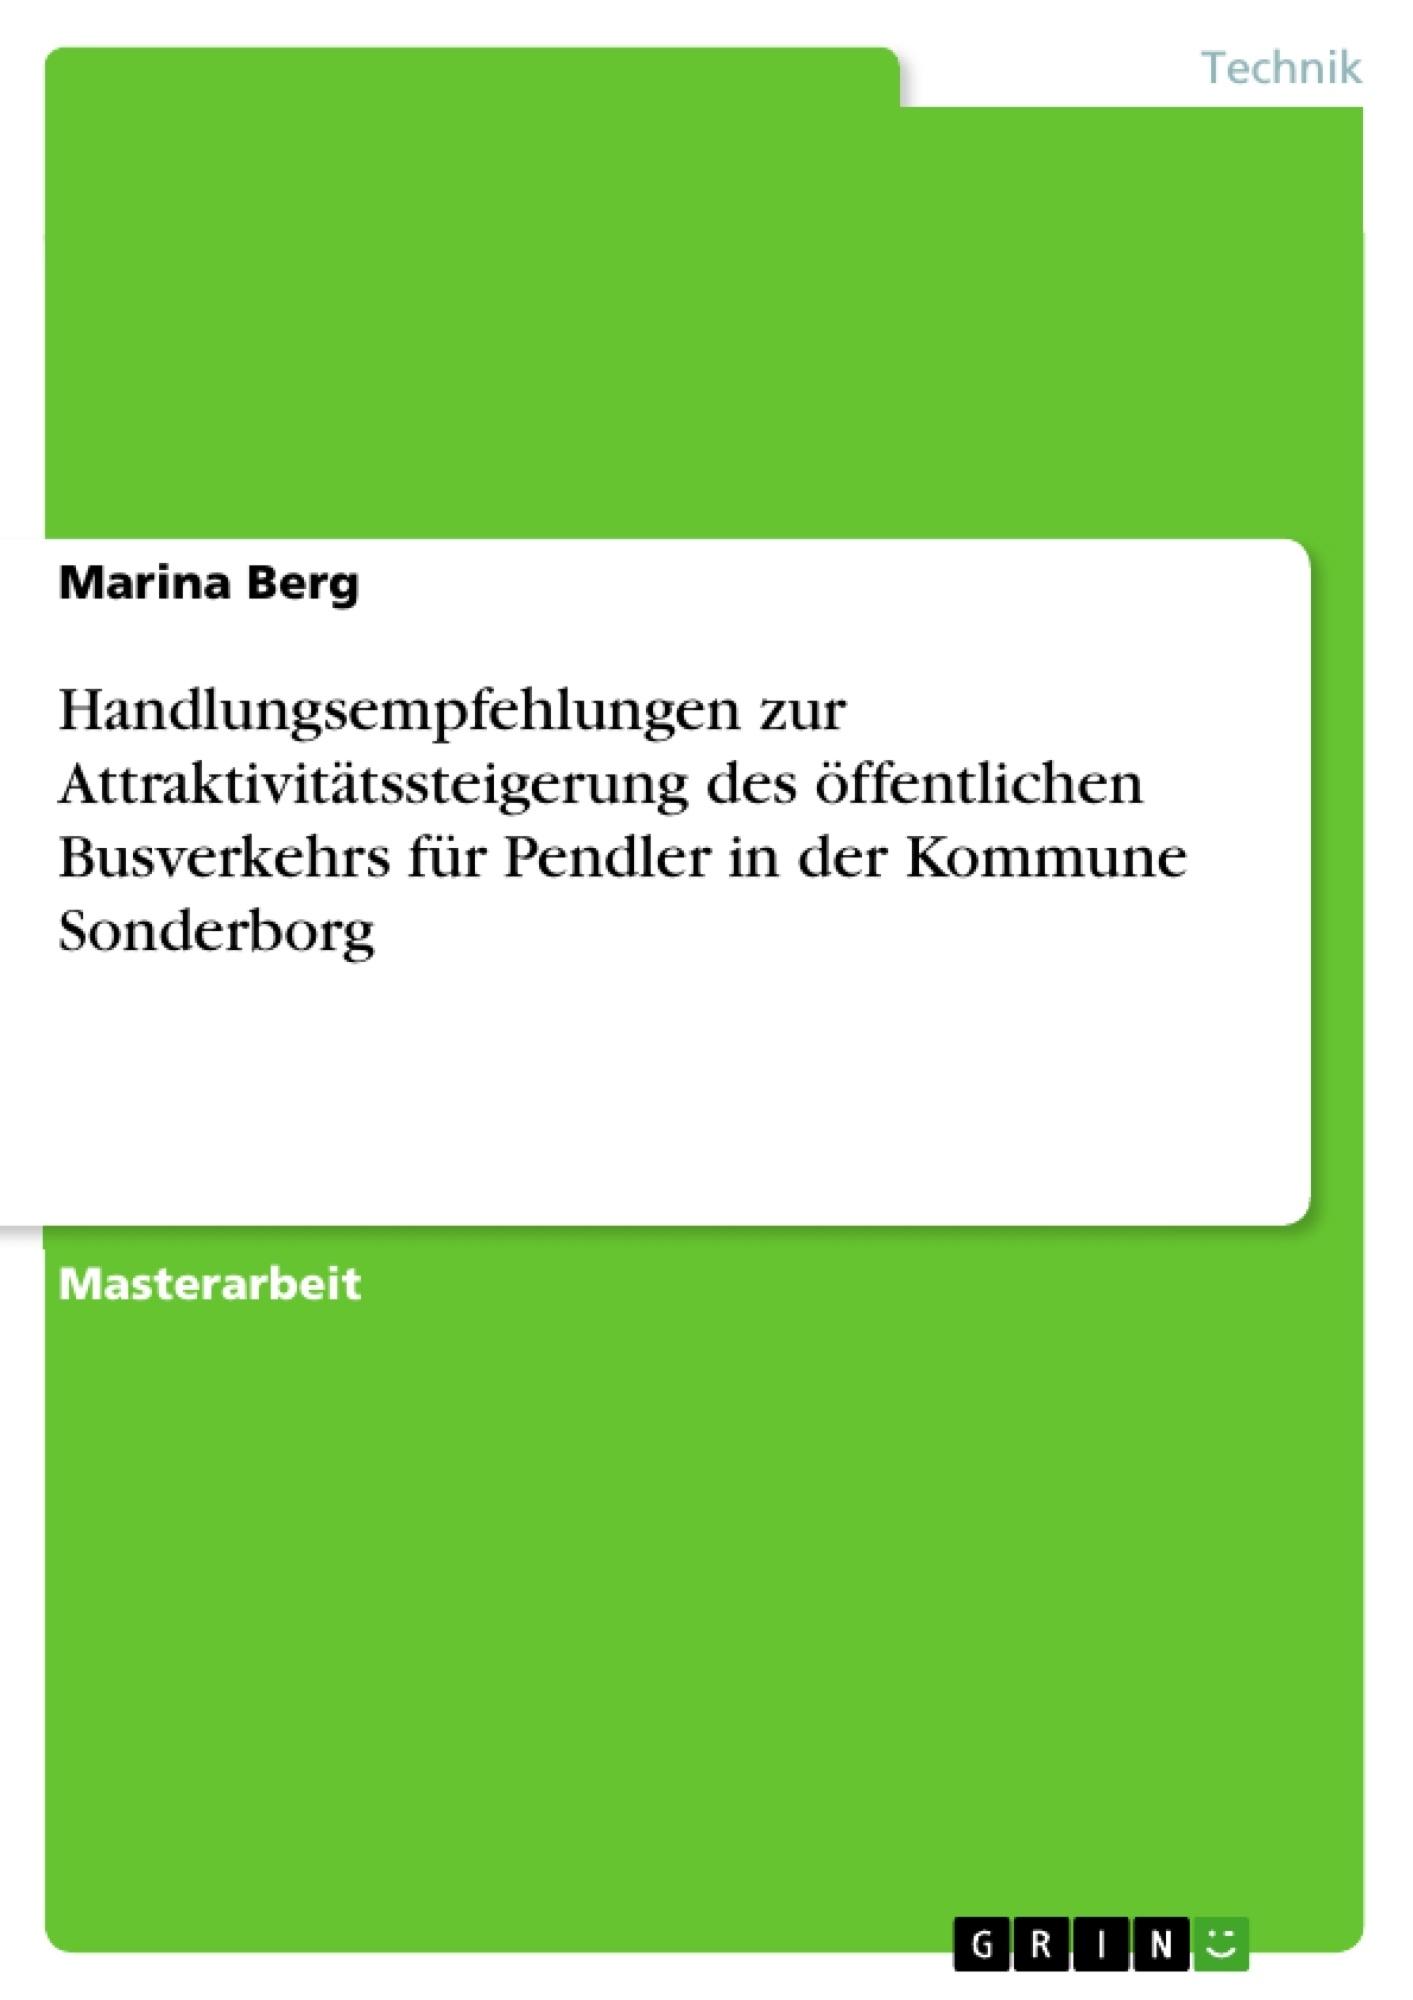 Titel: Handlungsempfehlungen zur Attraktivitätssteigerung des öffentlichen Busverkehrs für Pendler in der Kommune Sonderborg